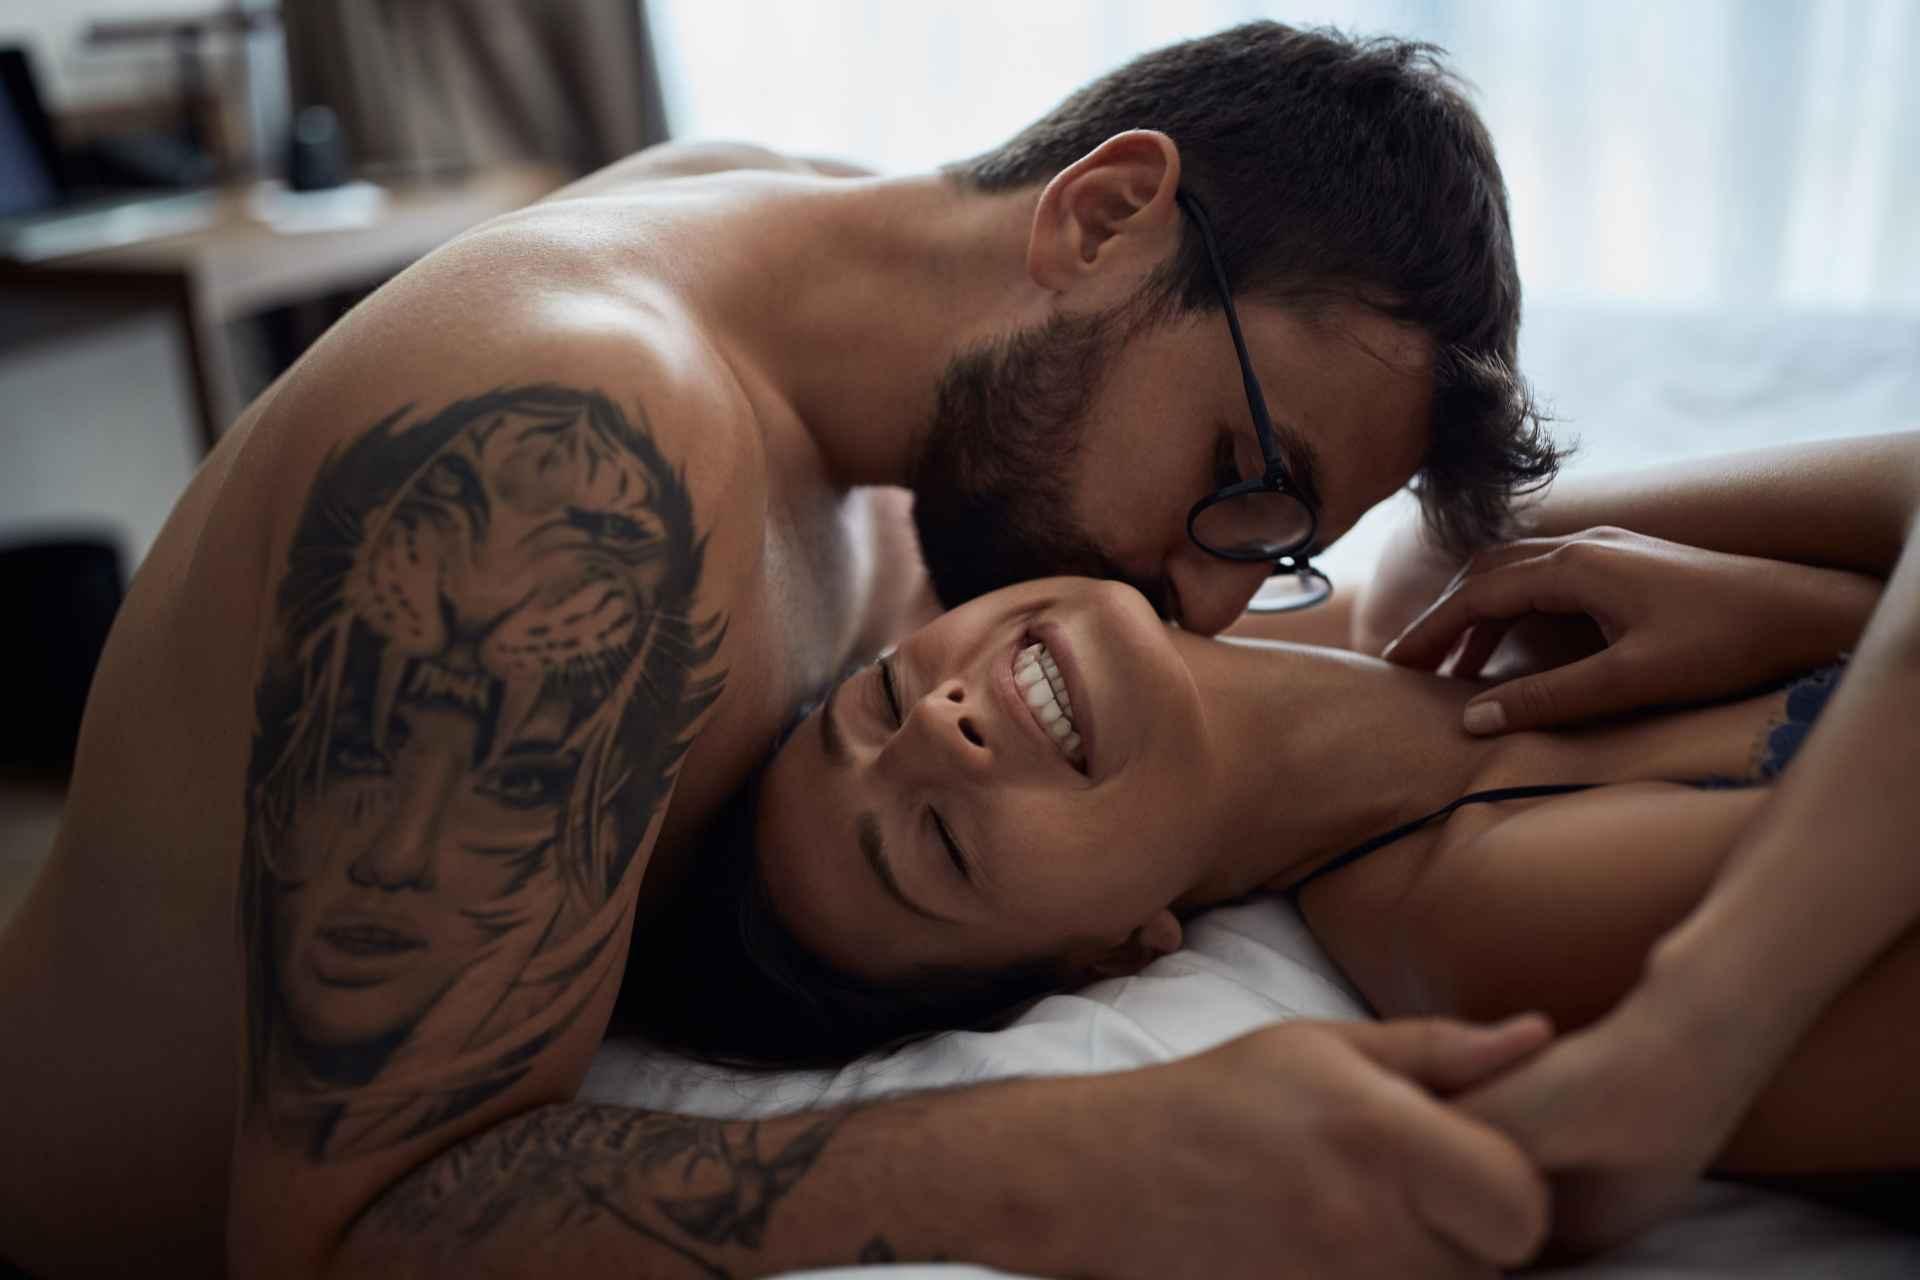 El sexo es sexo es sexo, con o sin penetración. SDC.com